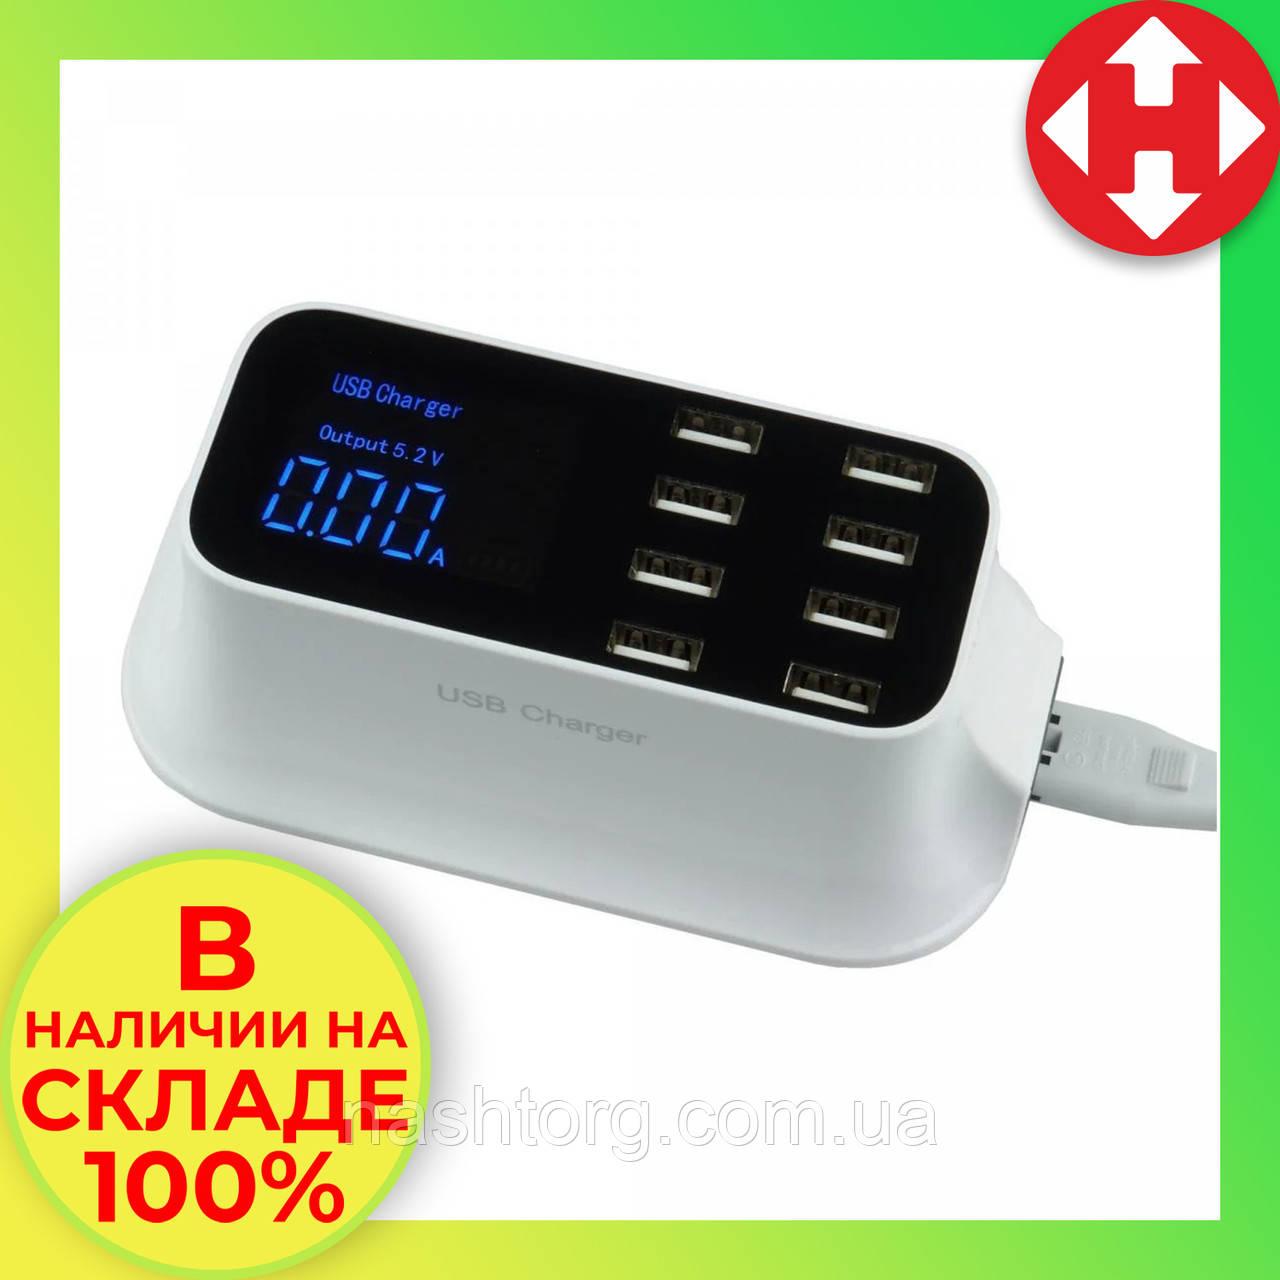 Универсальное зарядное устройство на 8 ЮСБ портов от сети USB charger YC-CDA19A, зарядка Бело-чёрная